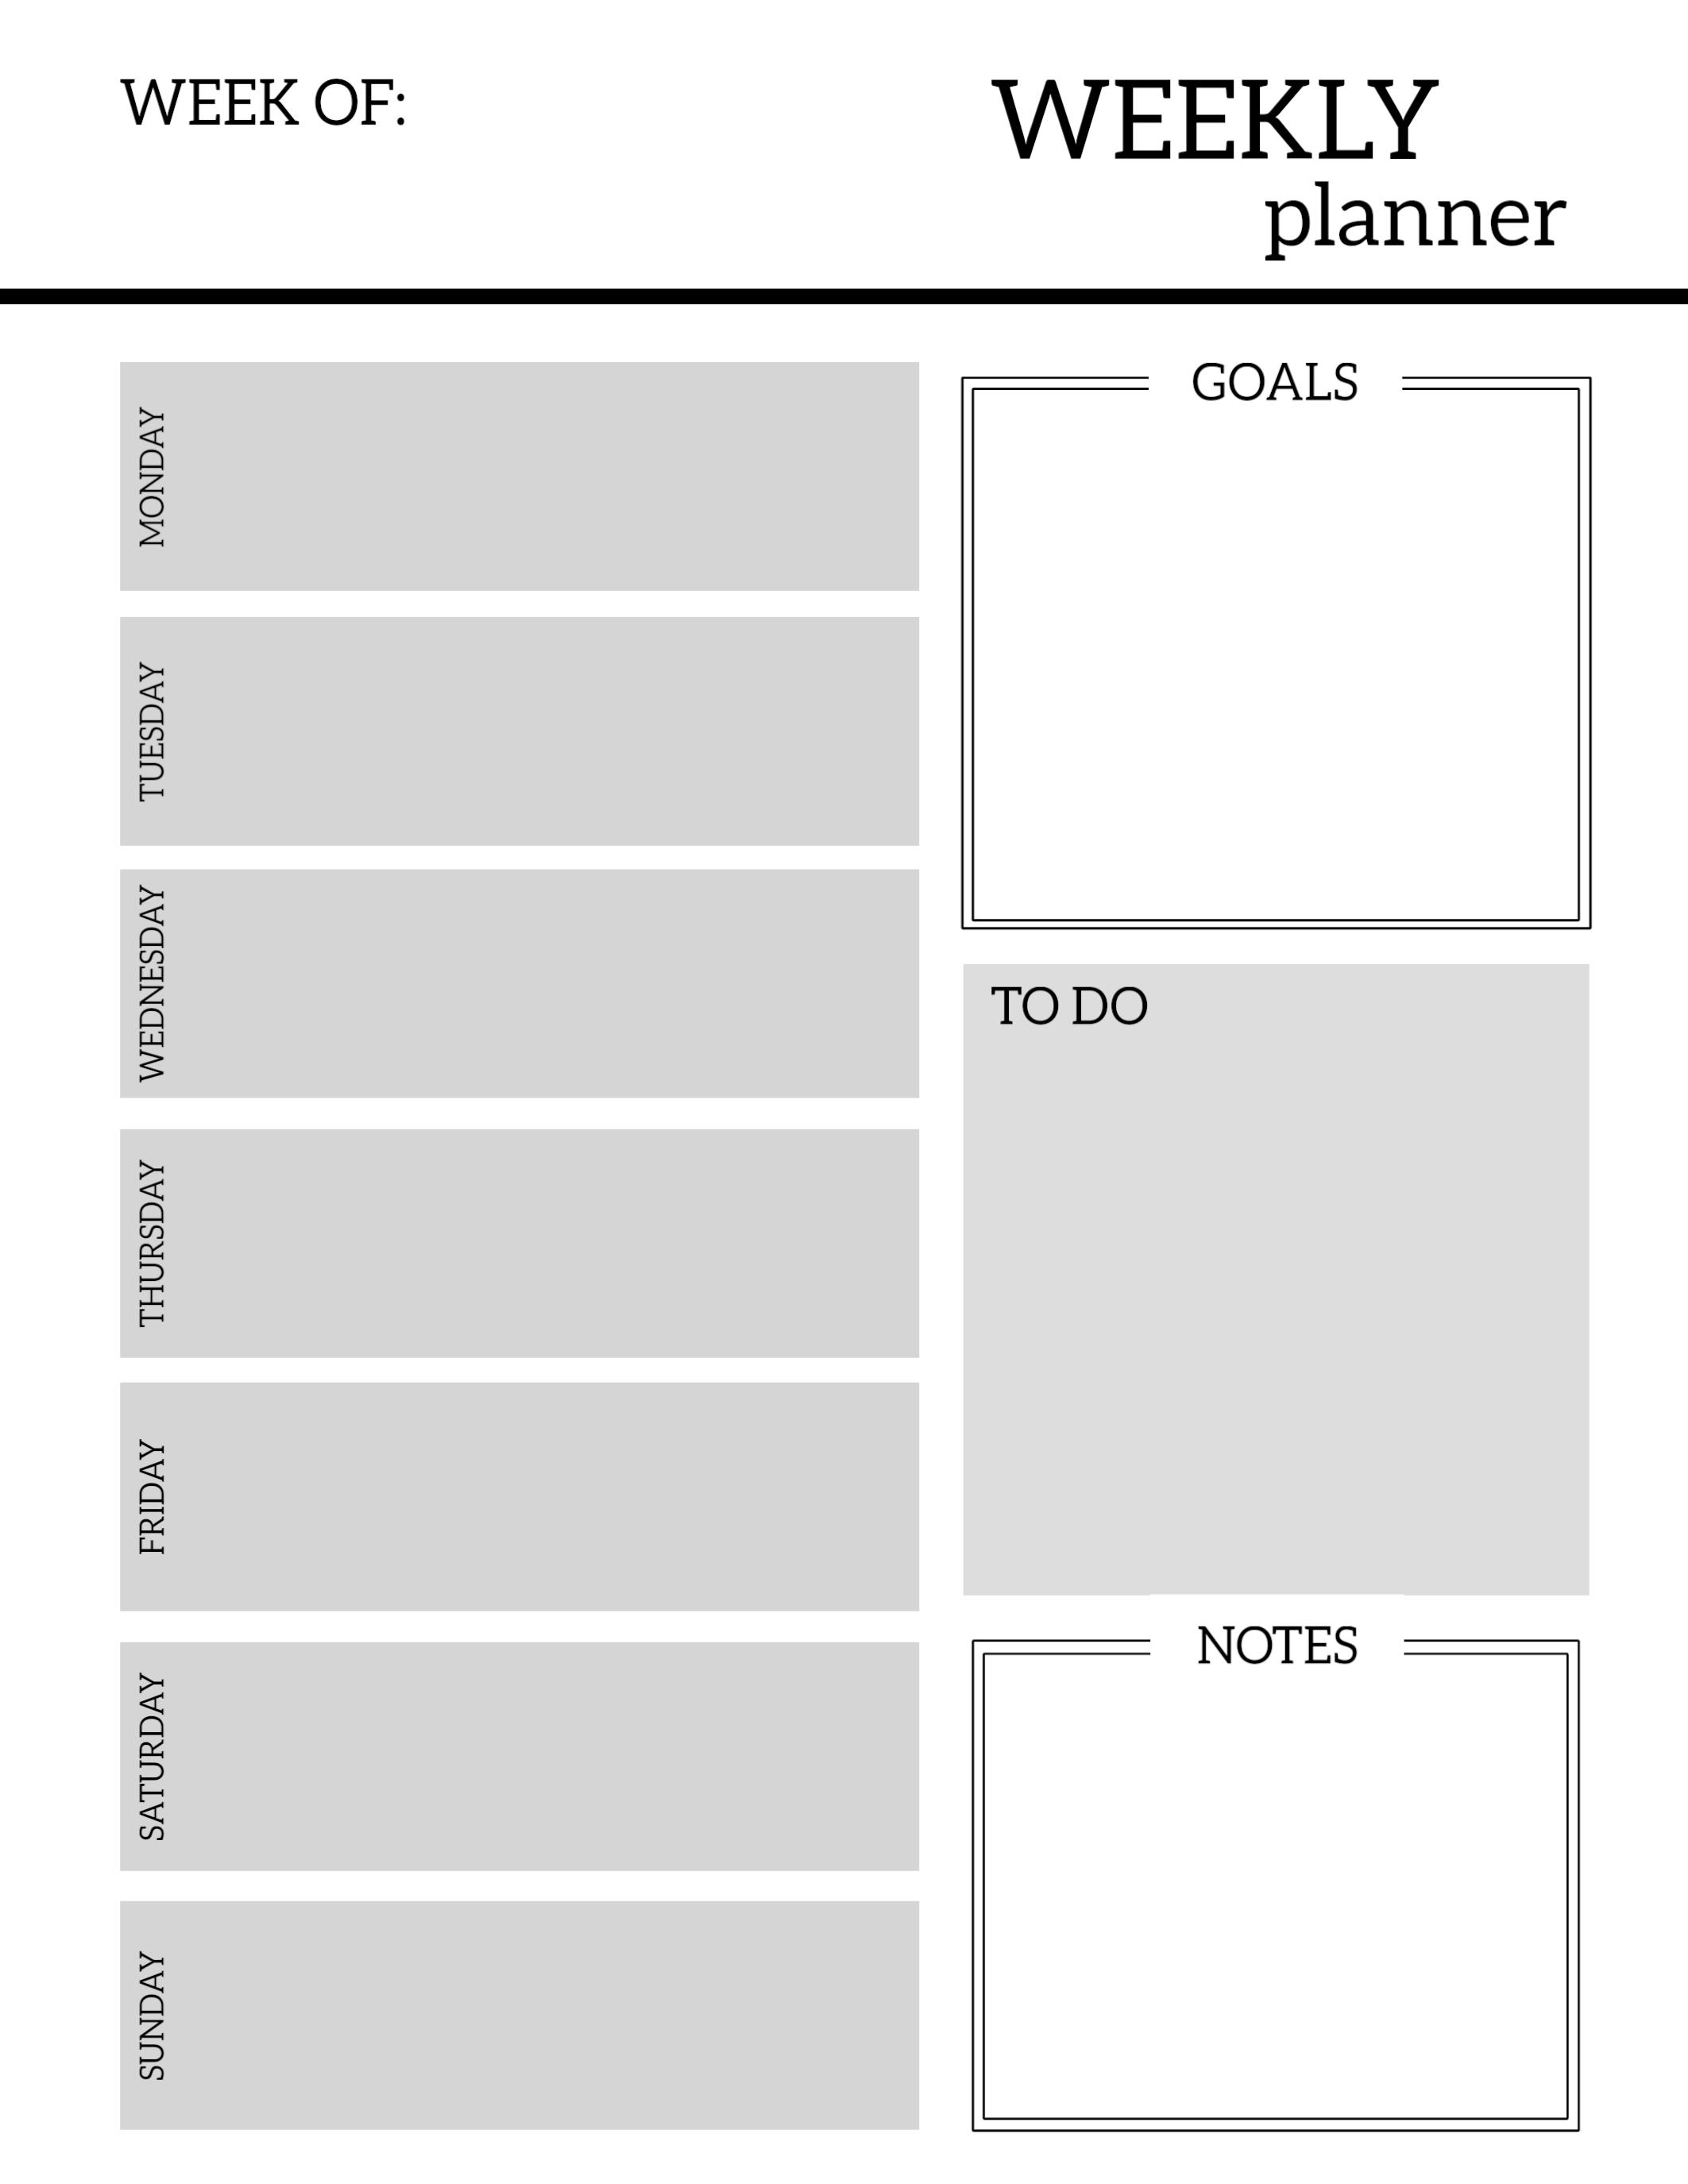 A Peek At The Week Free Printable Weekly Planner | Template Calendar regarding A Peek At The Week Free Printable Weekly Planner